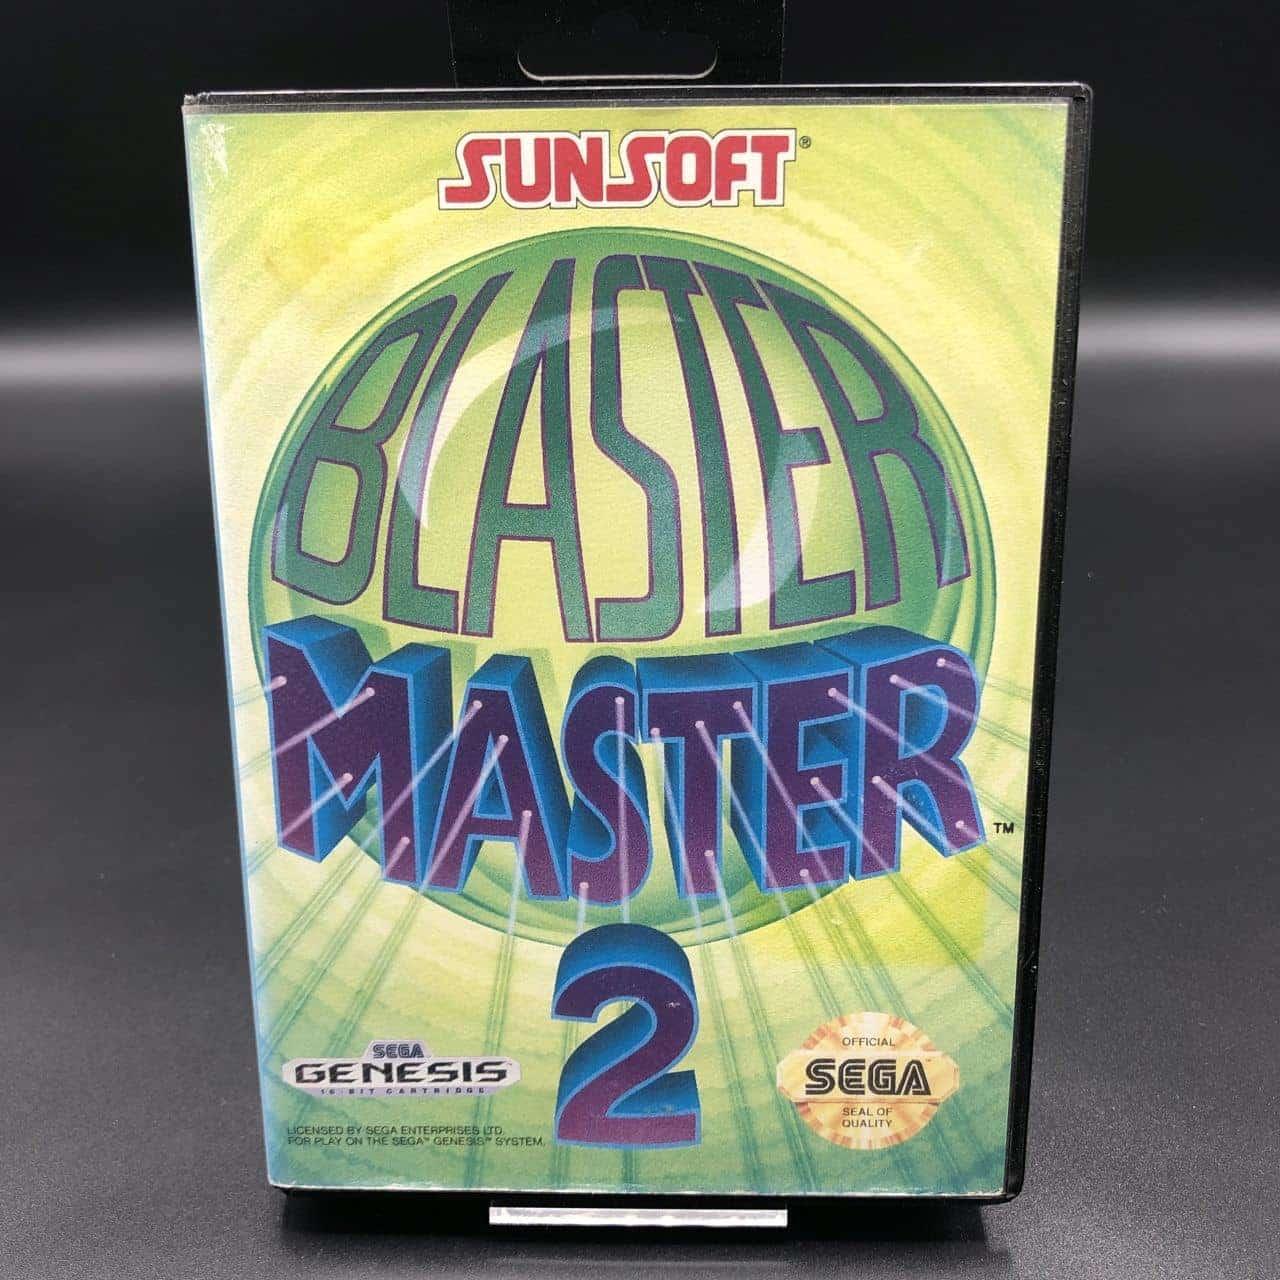 Blaster Master 2 (Import) (Komplett) (Sehr gut) Sega Mega Drive Genesis